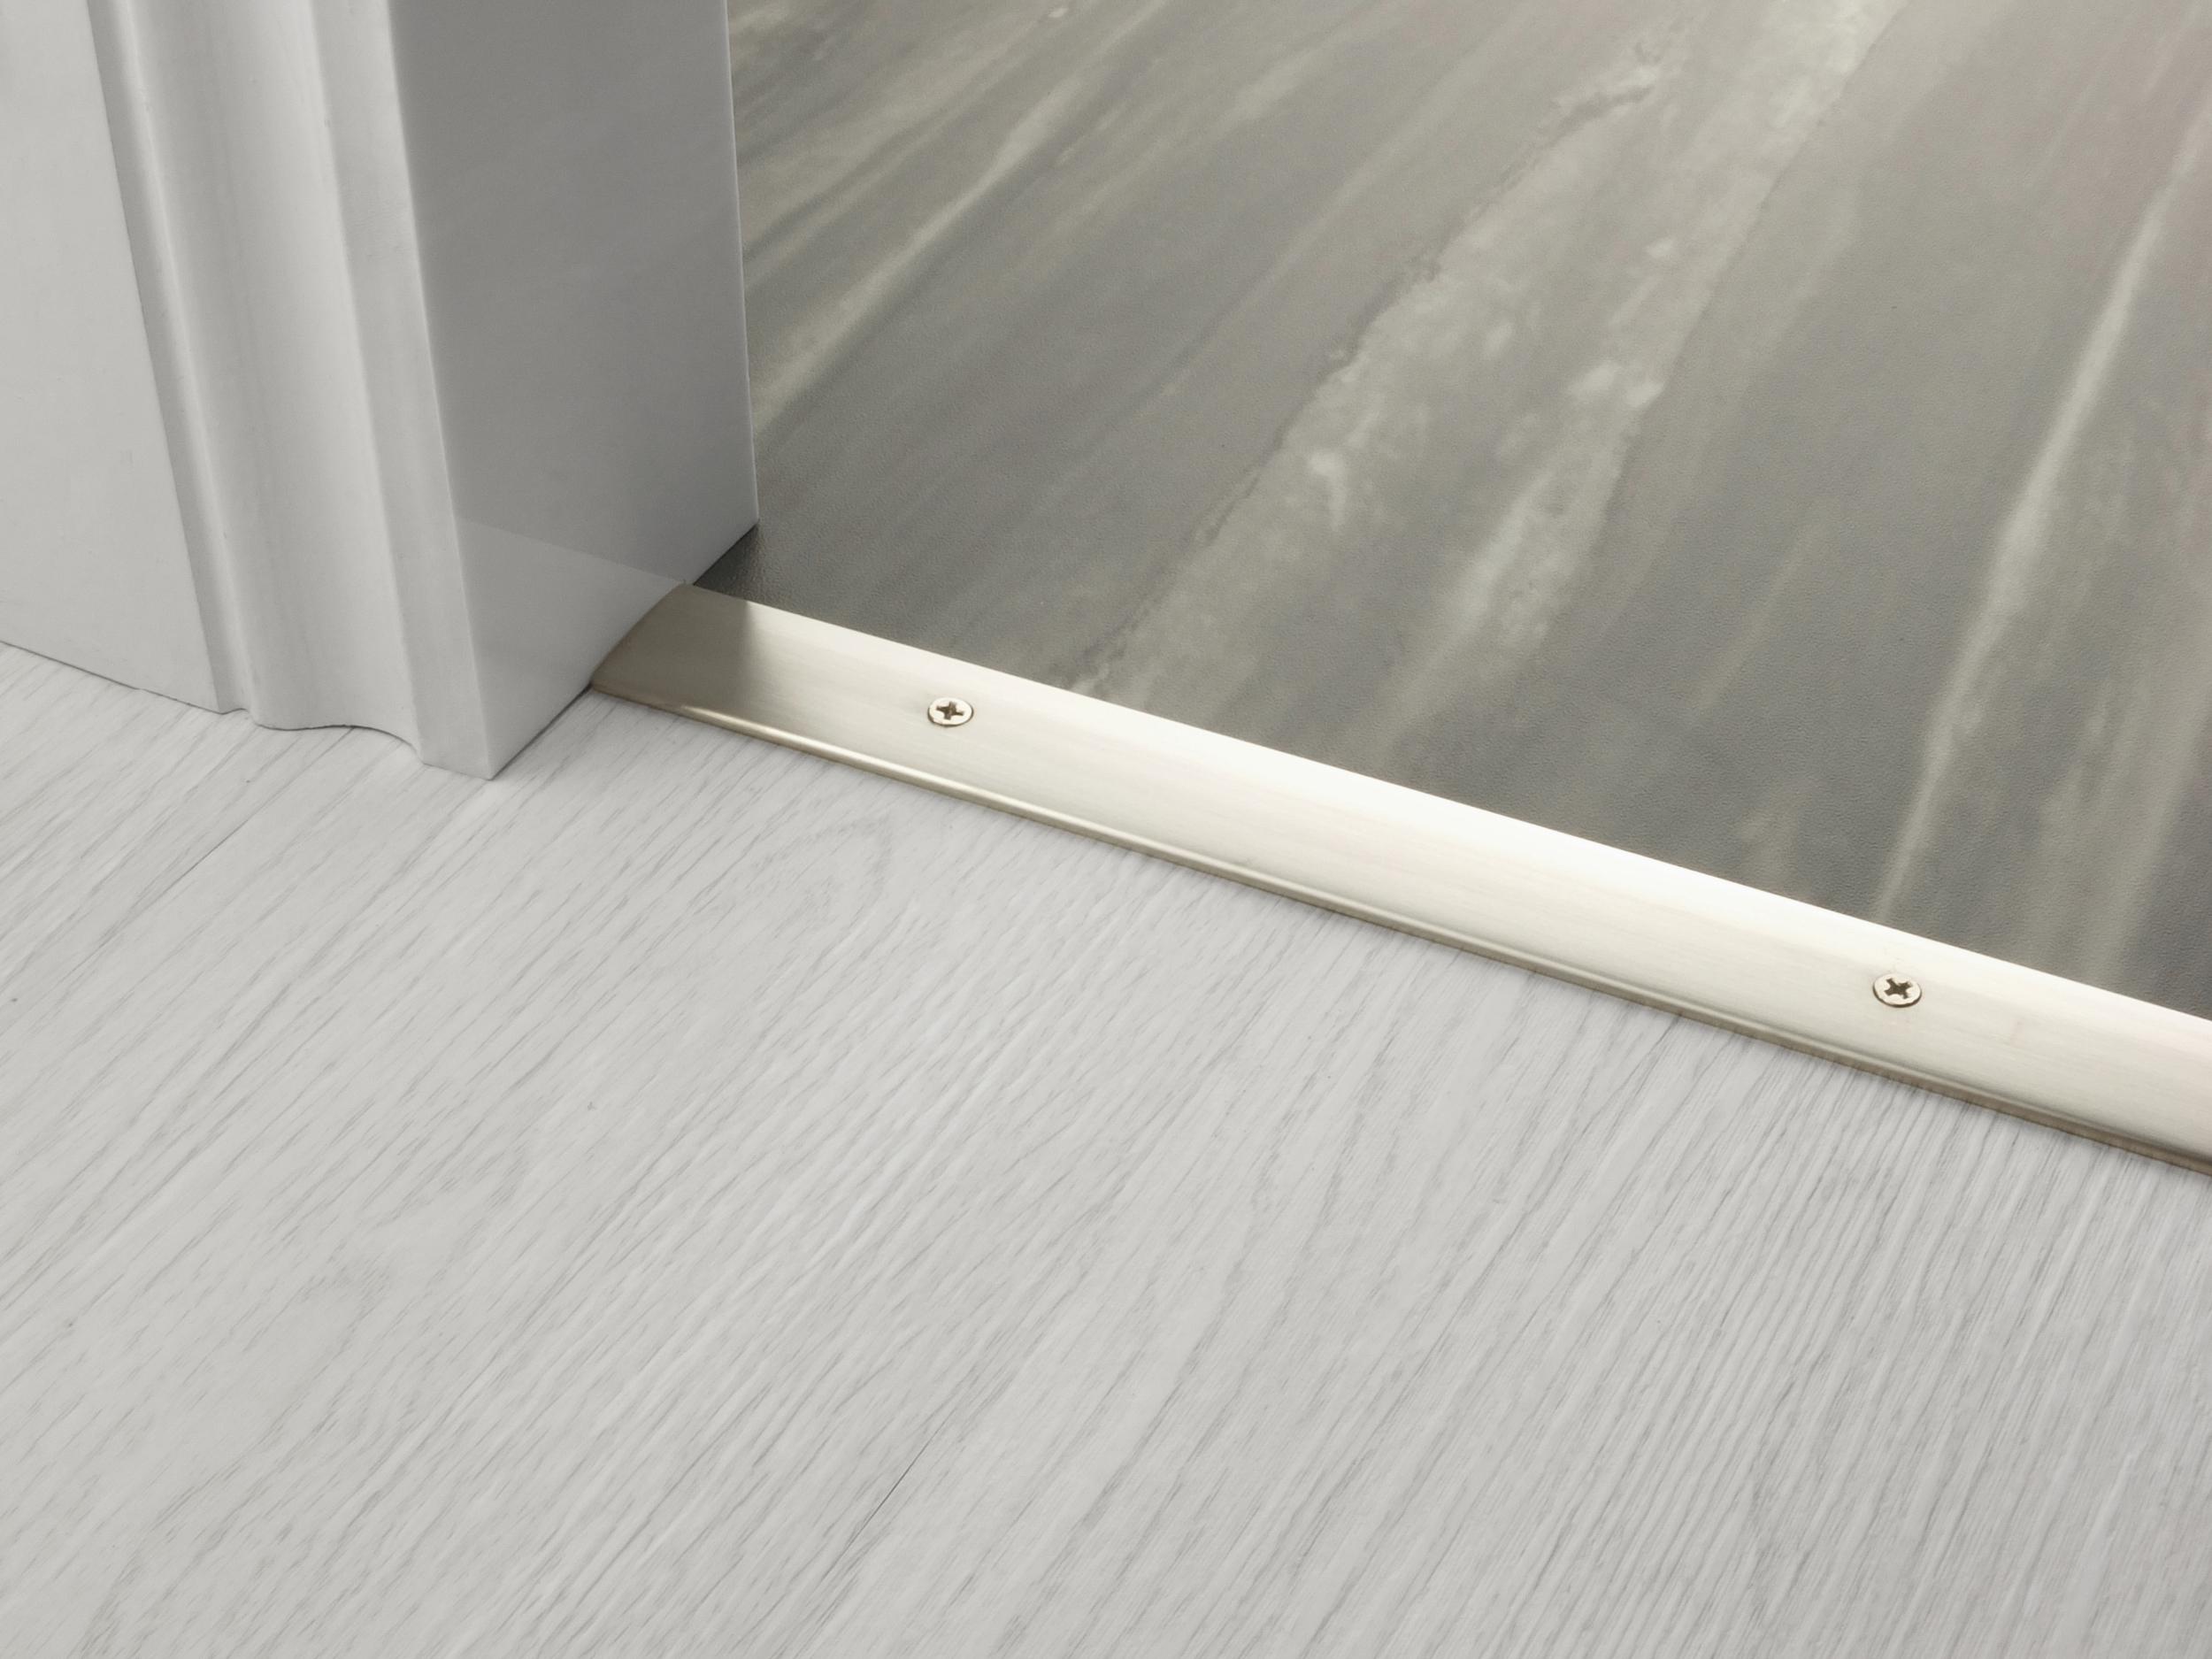 door_bar_cover-30mm_h2h_satin_nickel.jpg